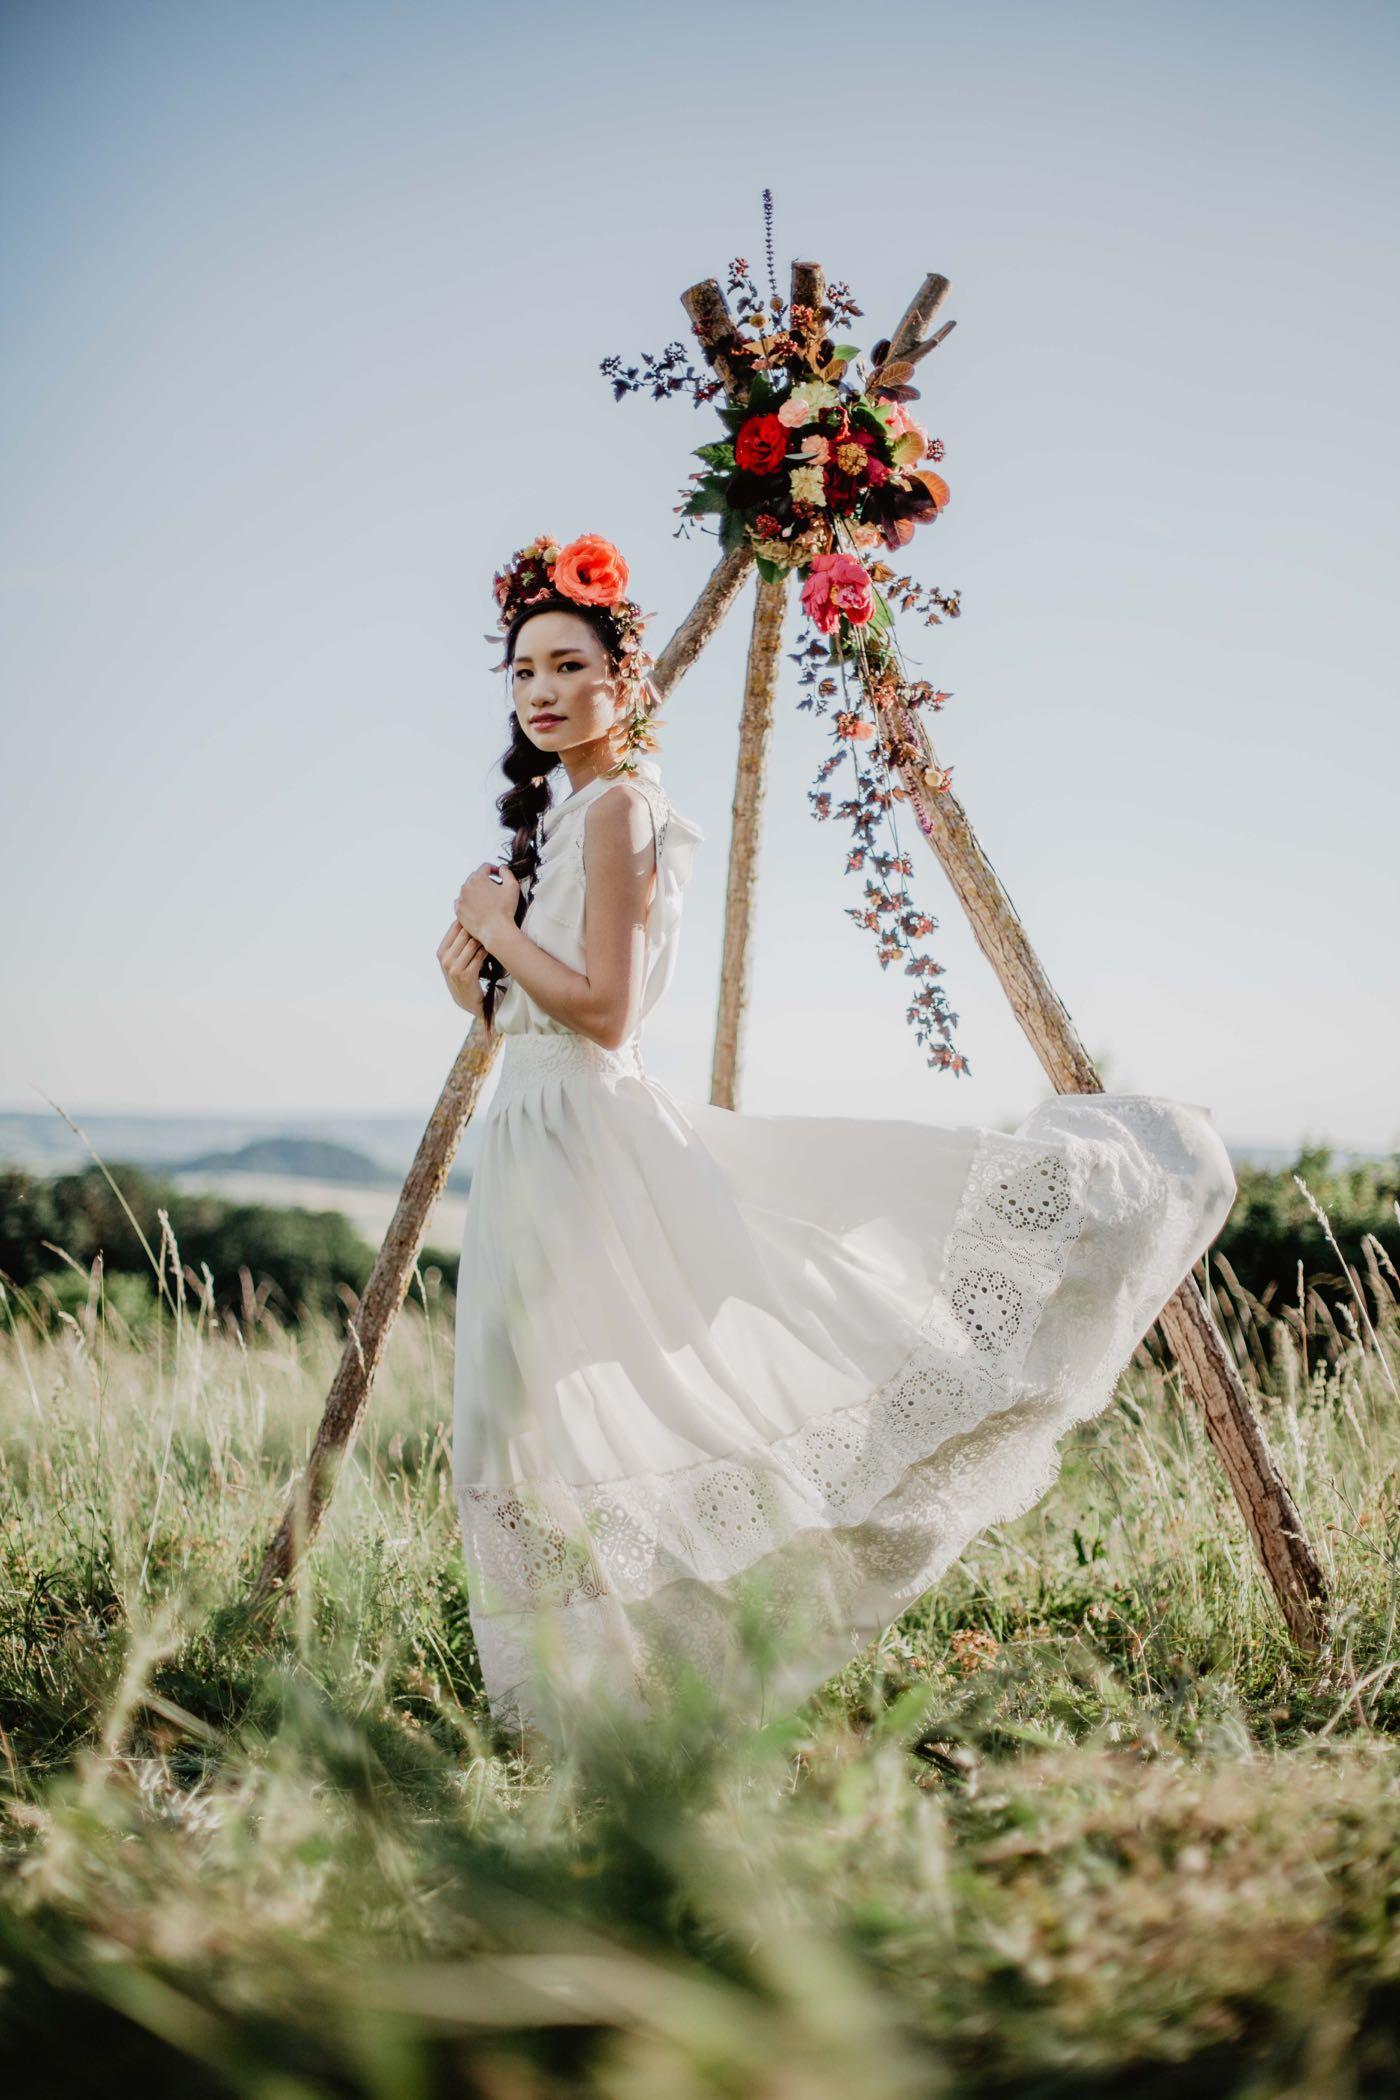 Traditionell Intime Hochzeitszeremonie Heiraten Mit Braut De